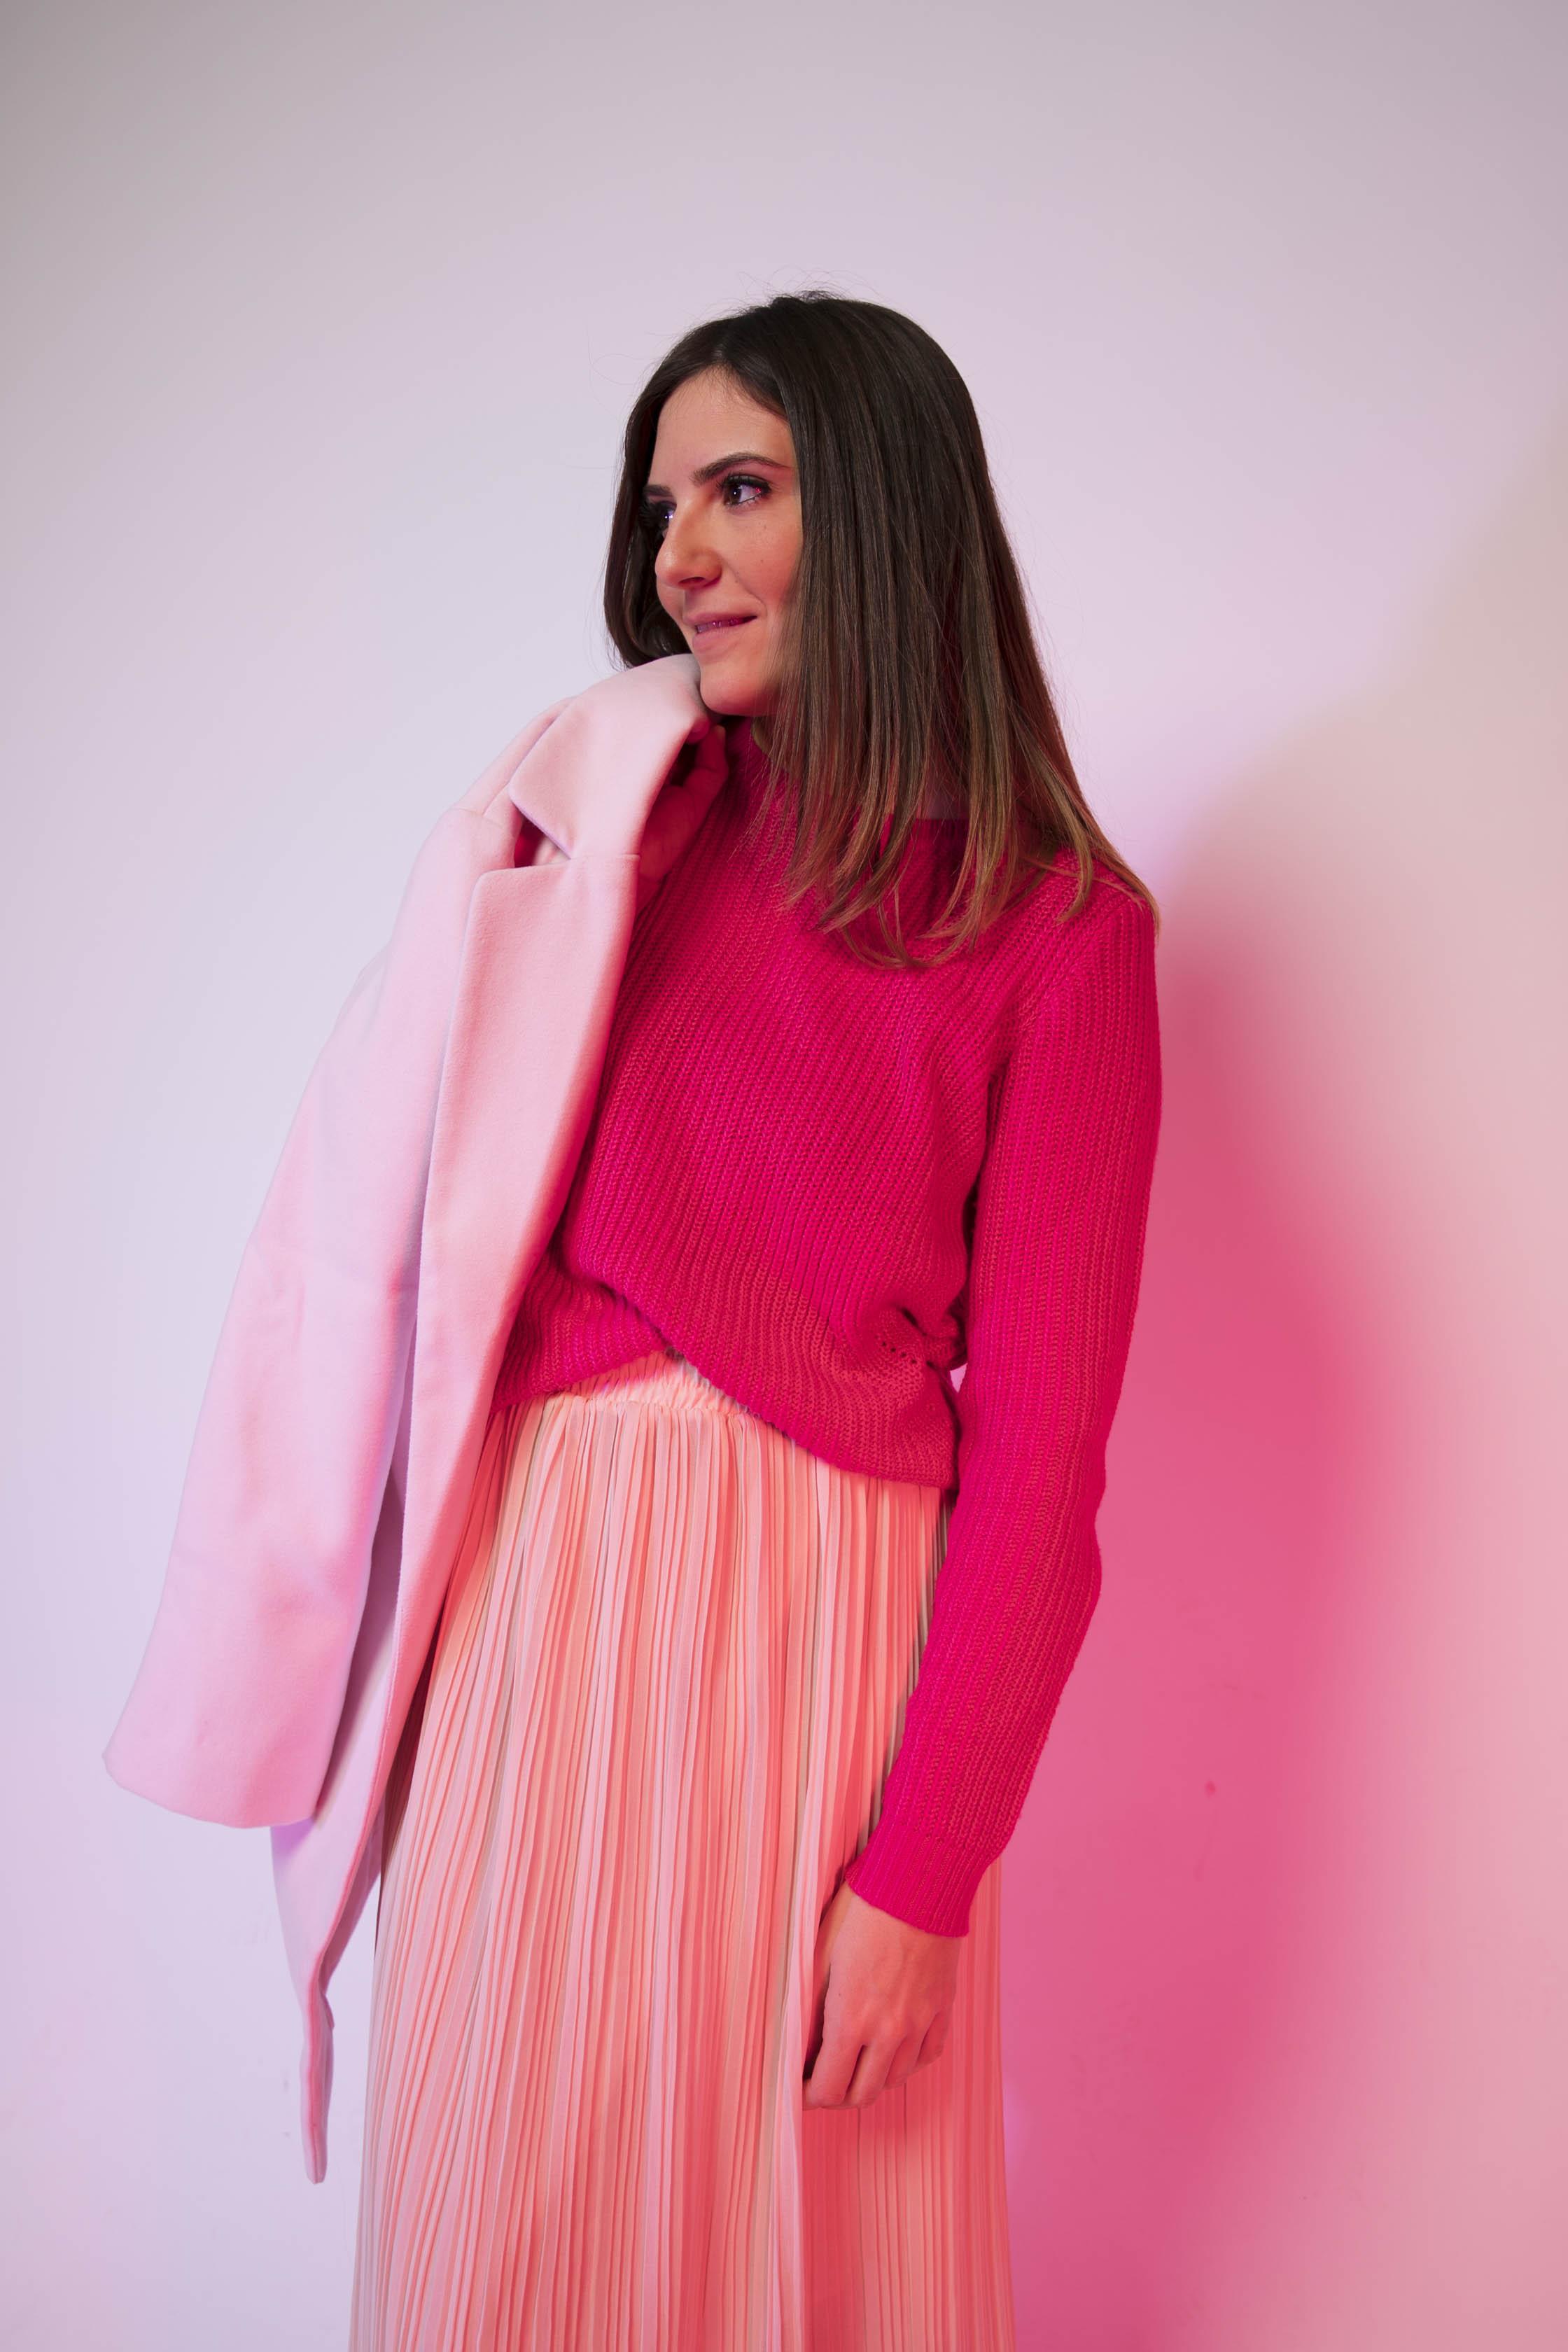 comment porter le manteau rose blog mode les caprices d iris